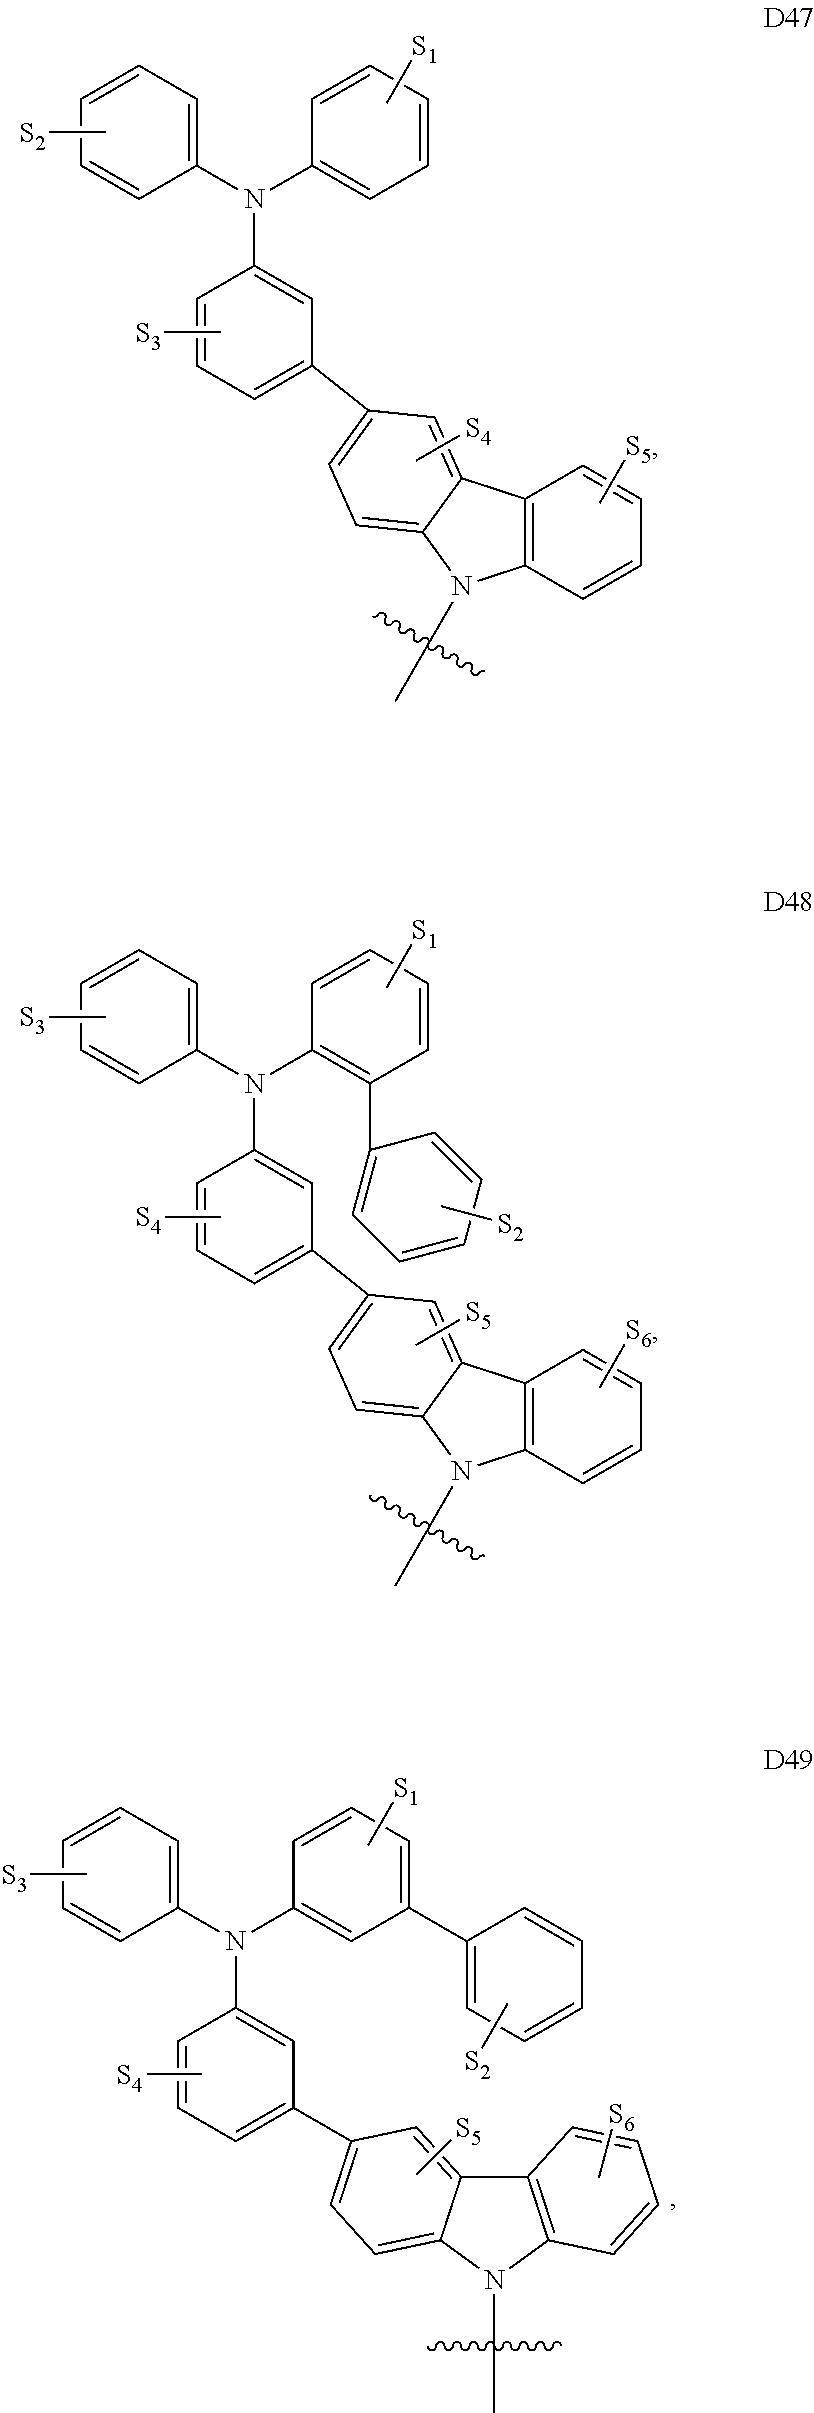 Figure US09537106-20170103-C00482